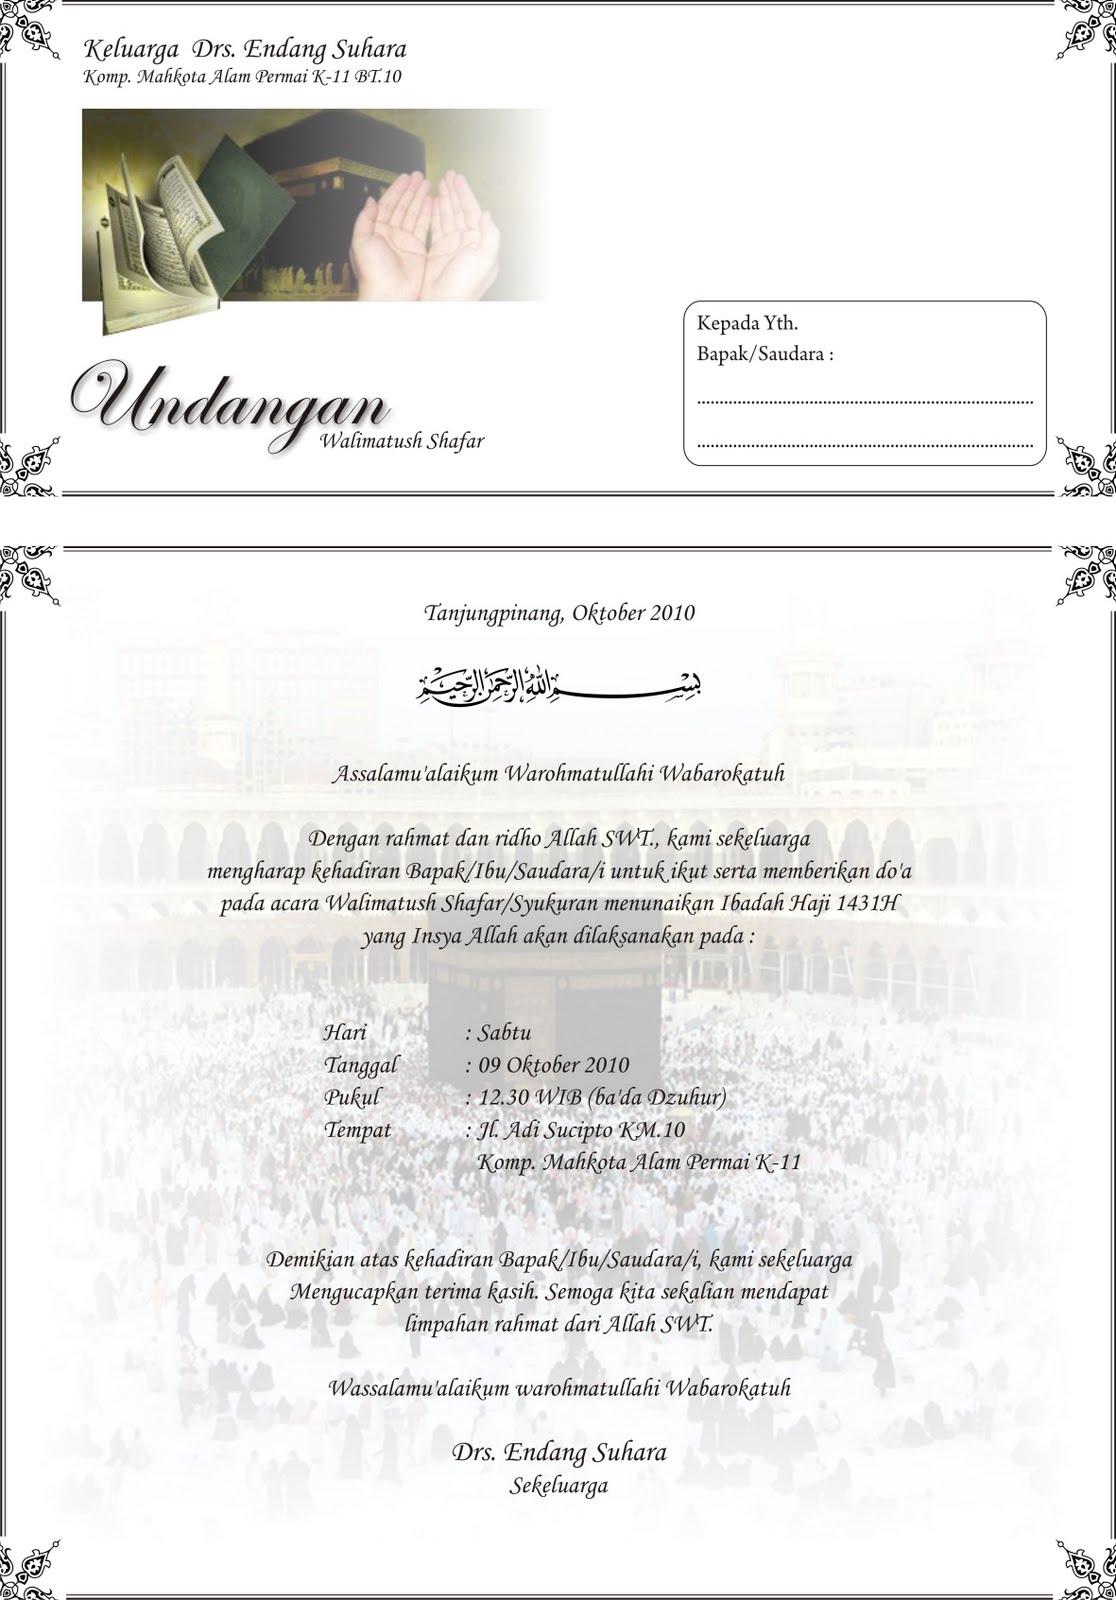 Contoh Undangan Walimatush Shafar